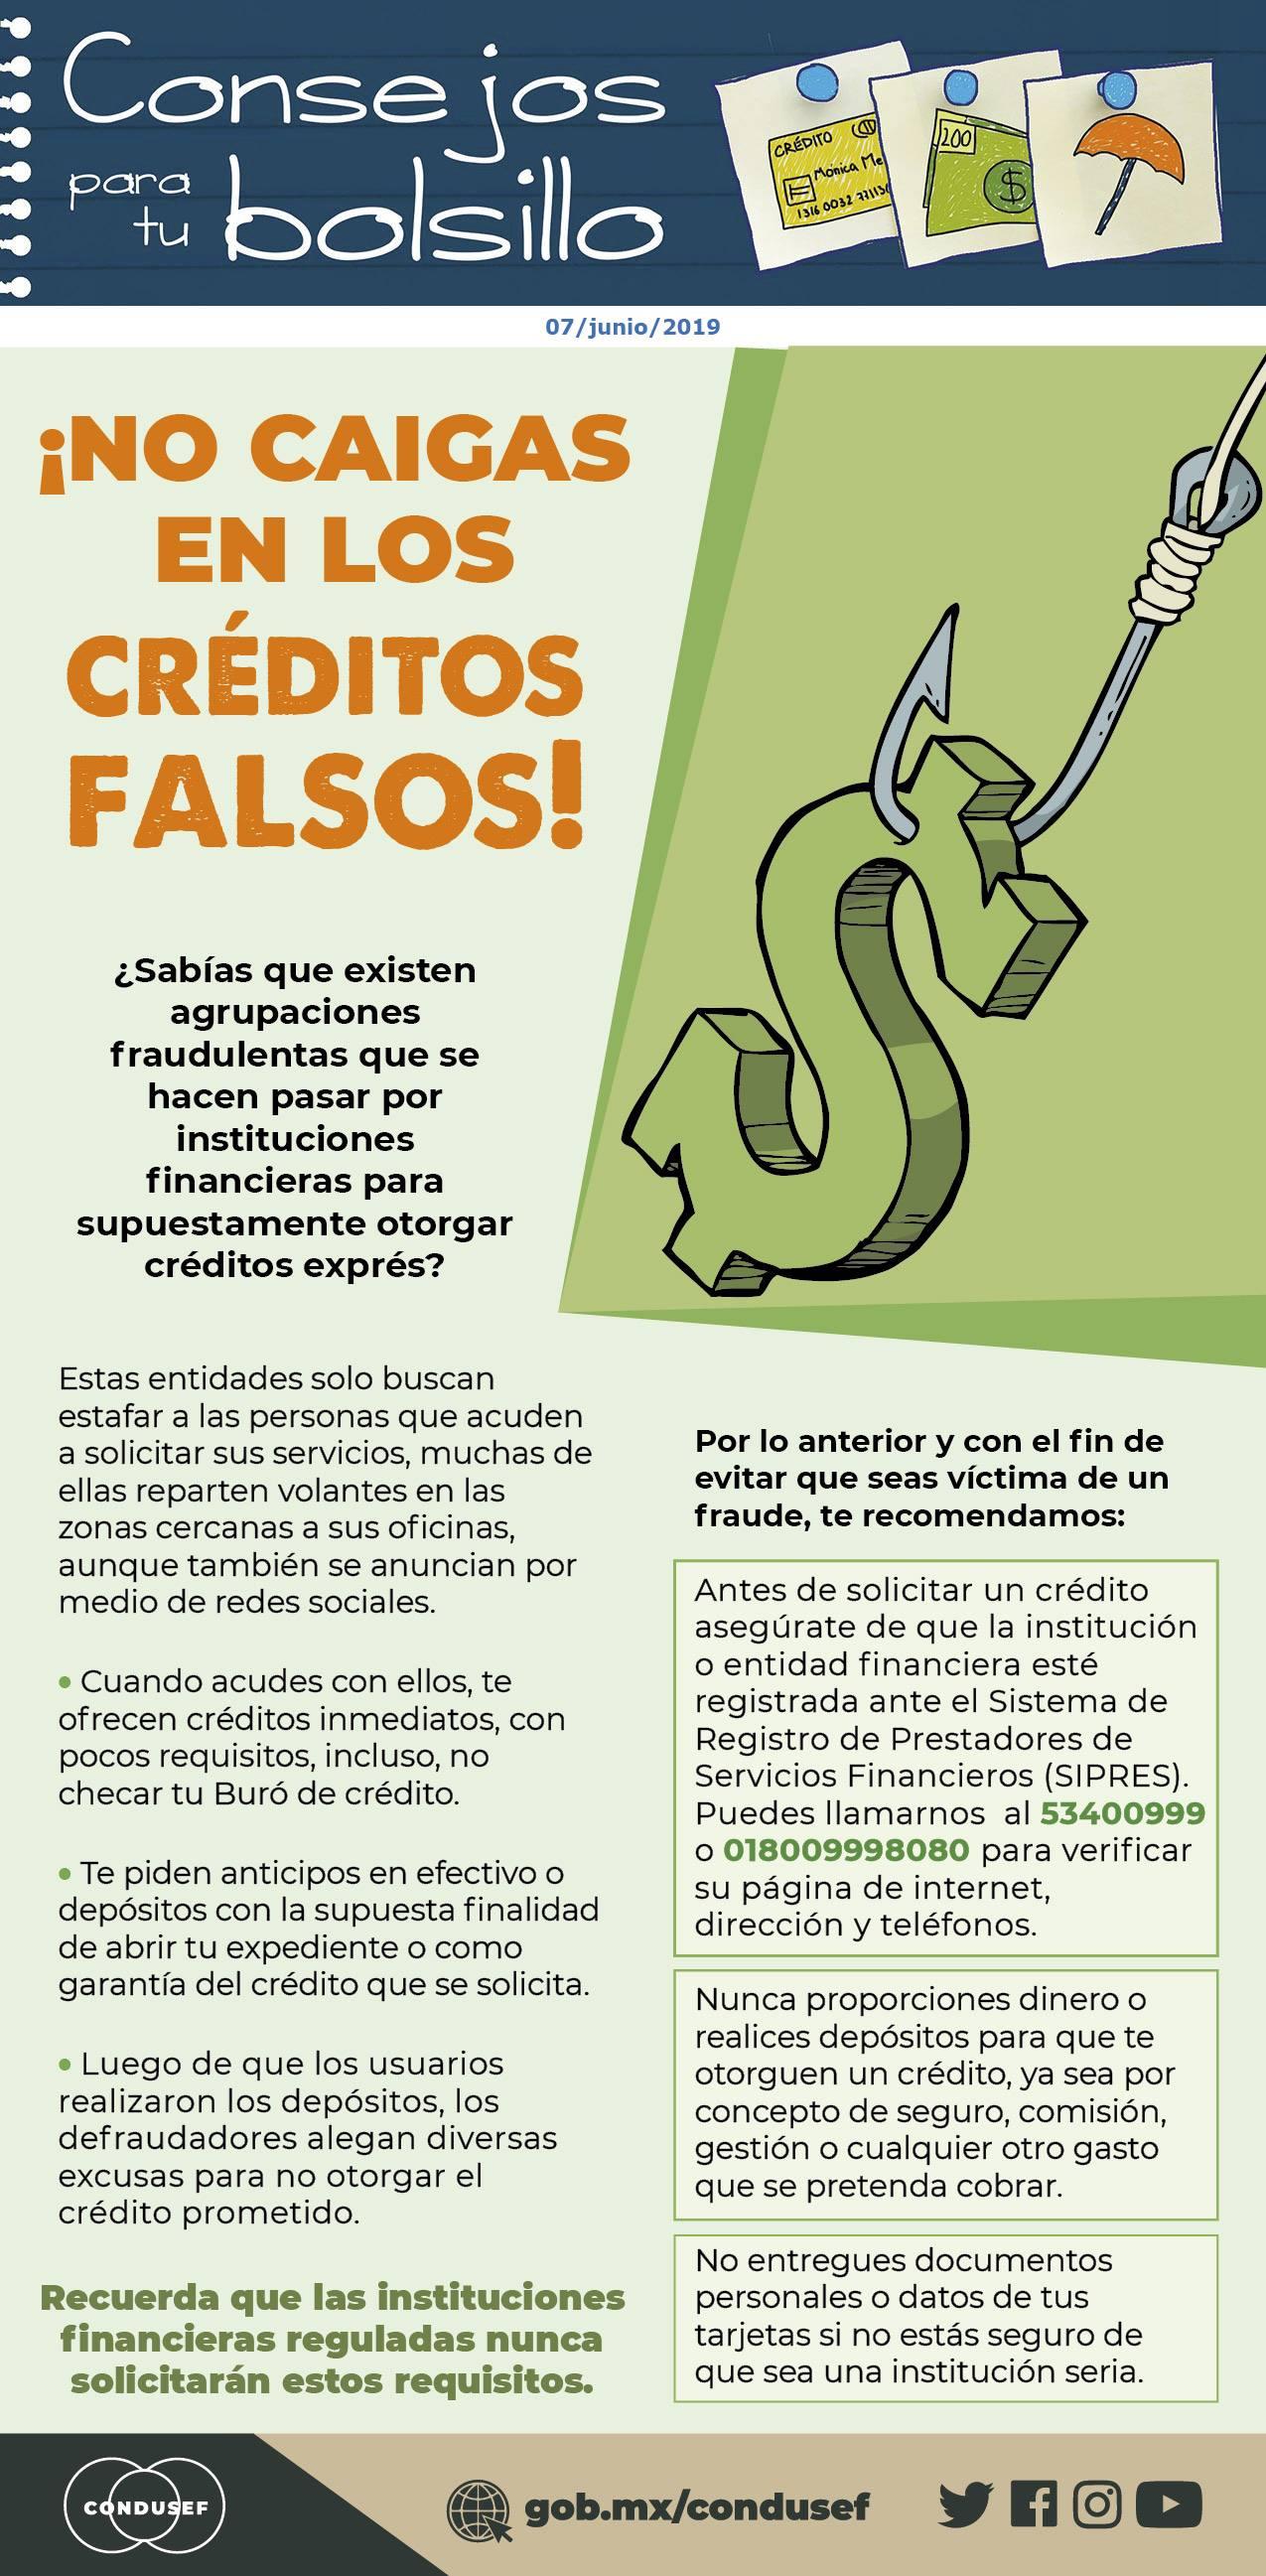 ¡NO CAIGAS EN LOS CRÉDITOS FALSOS!